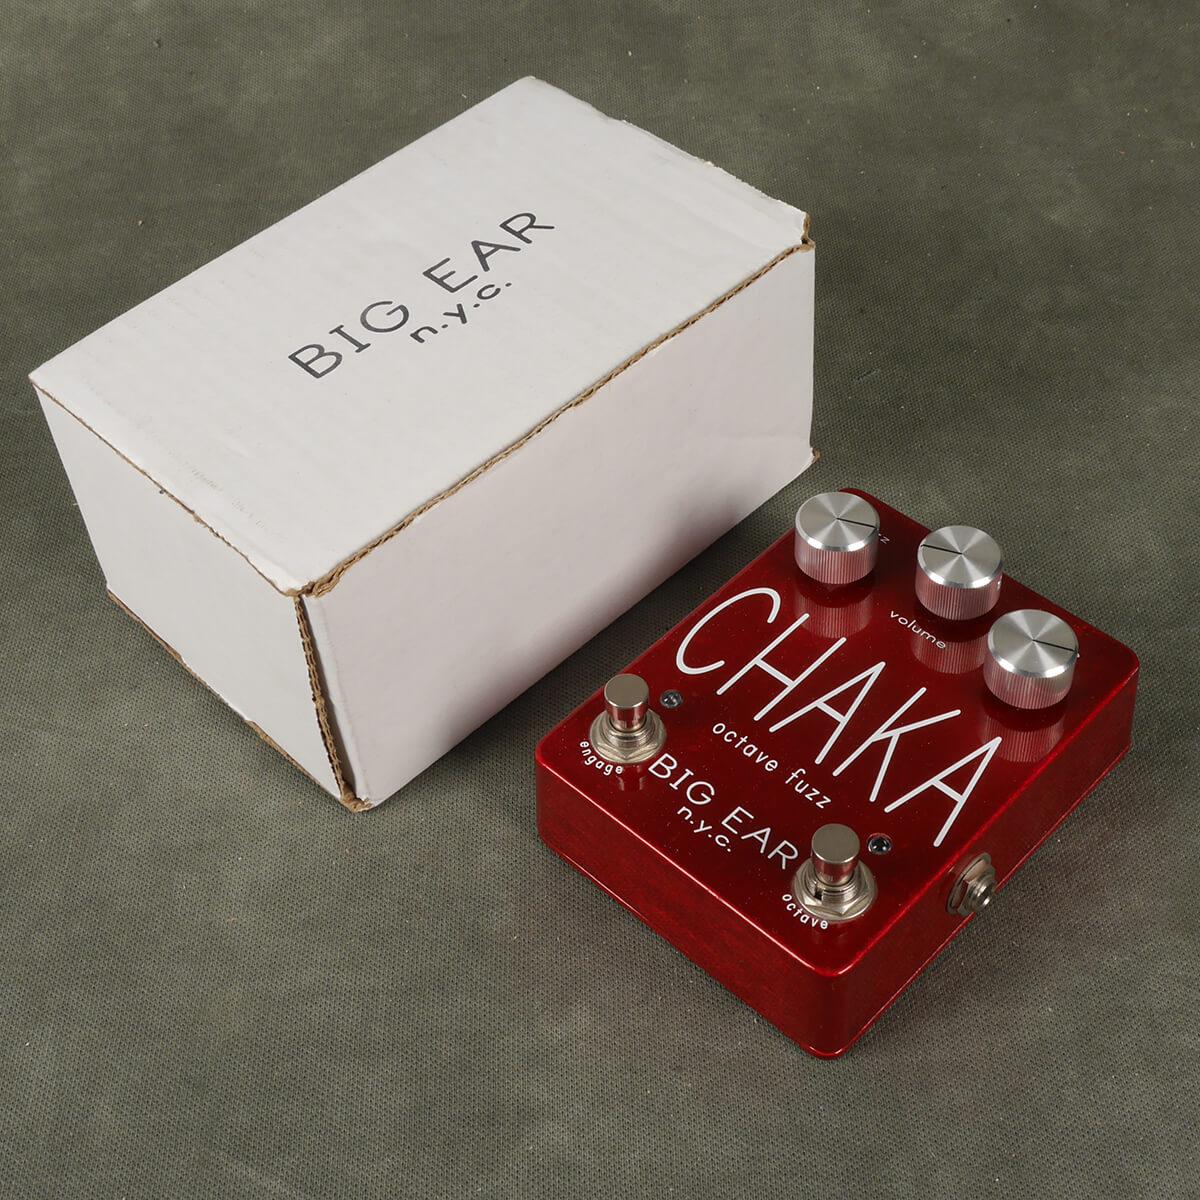 Big Ear N.Y.C Chaka Octave Fuzz FX Pedal w/Box - 2nd Hand